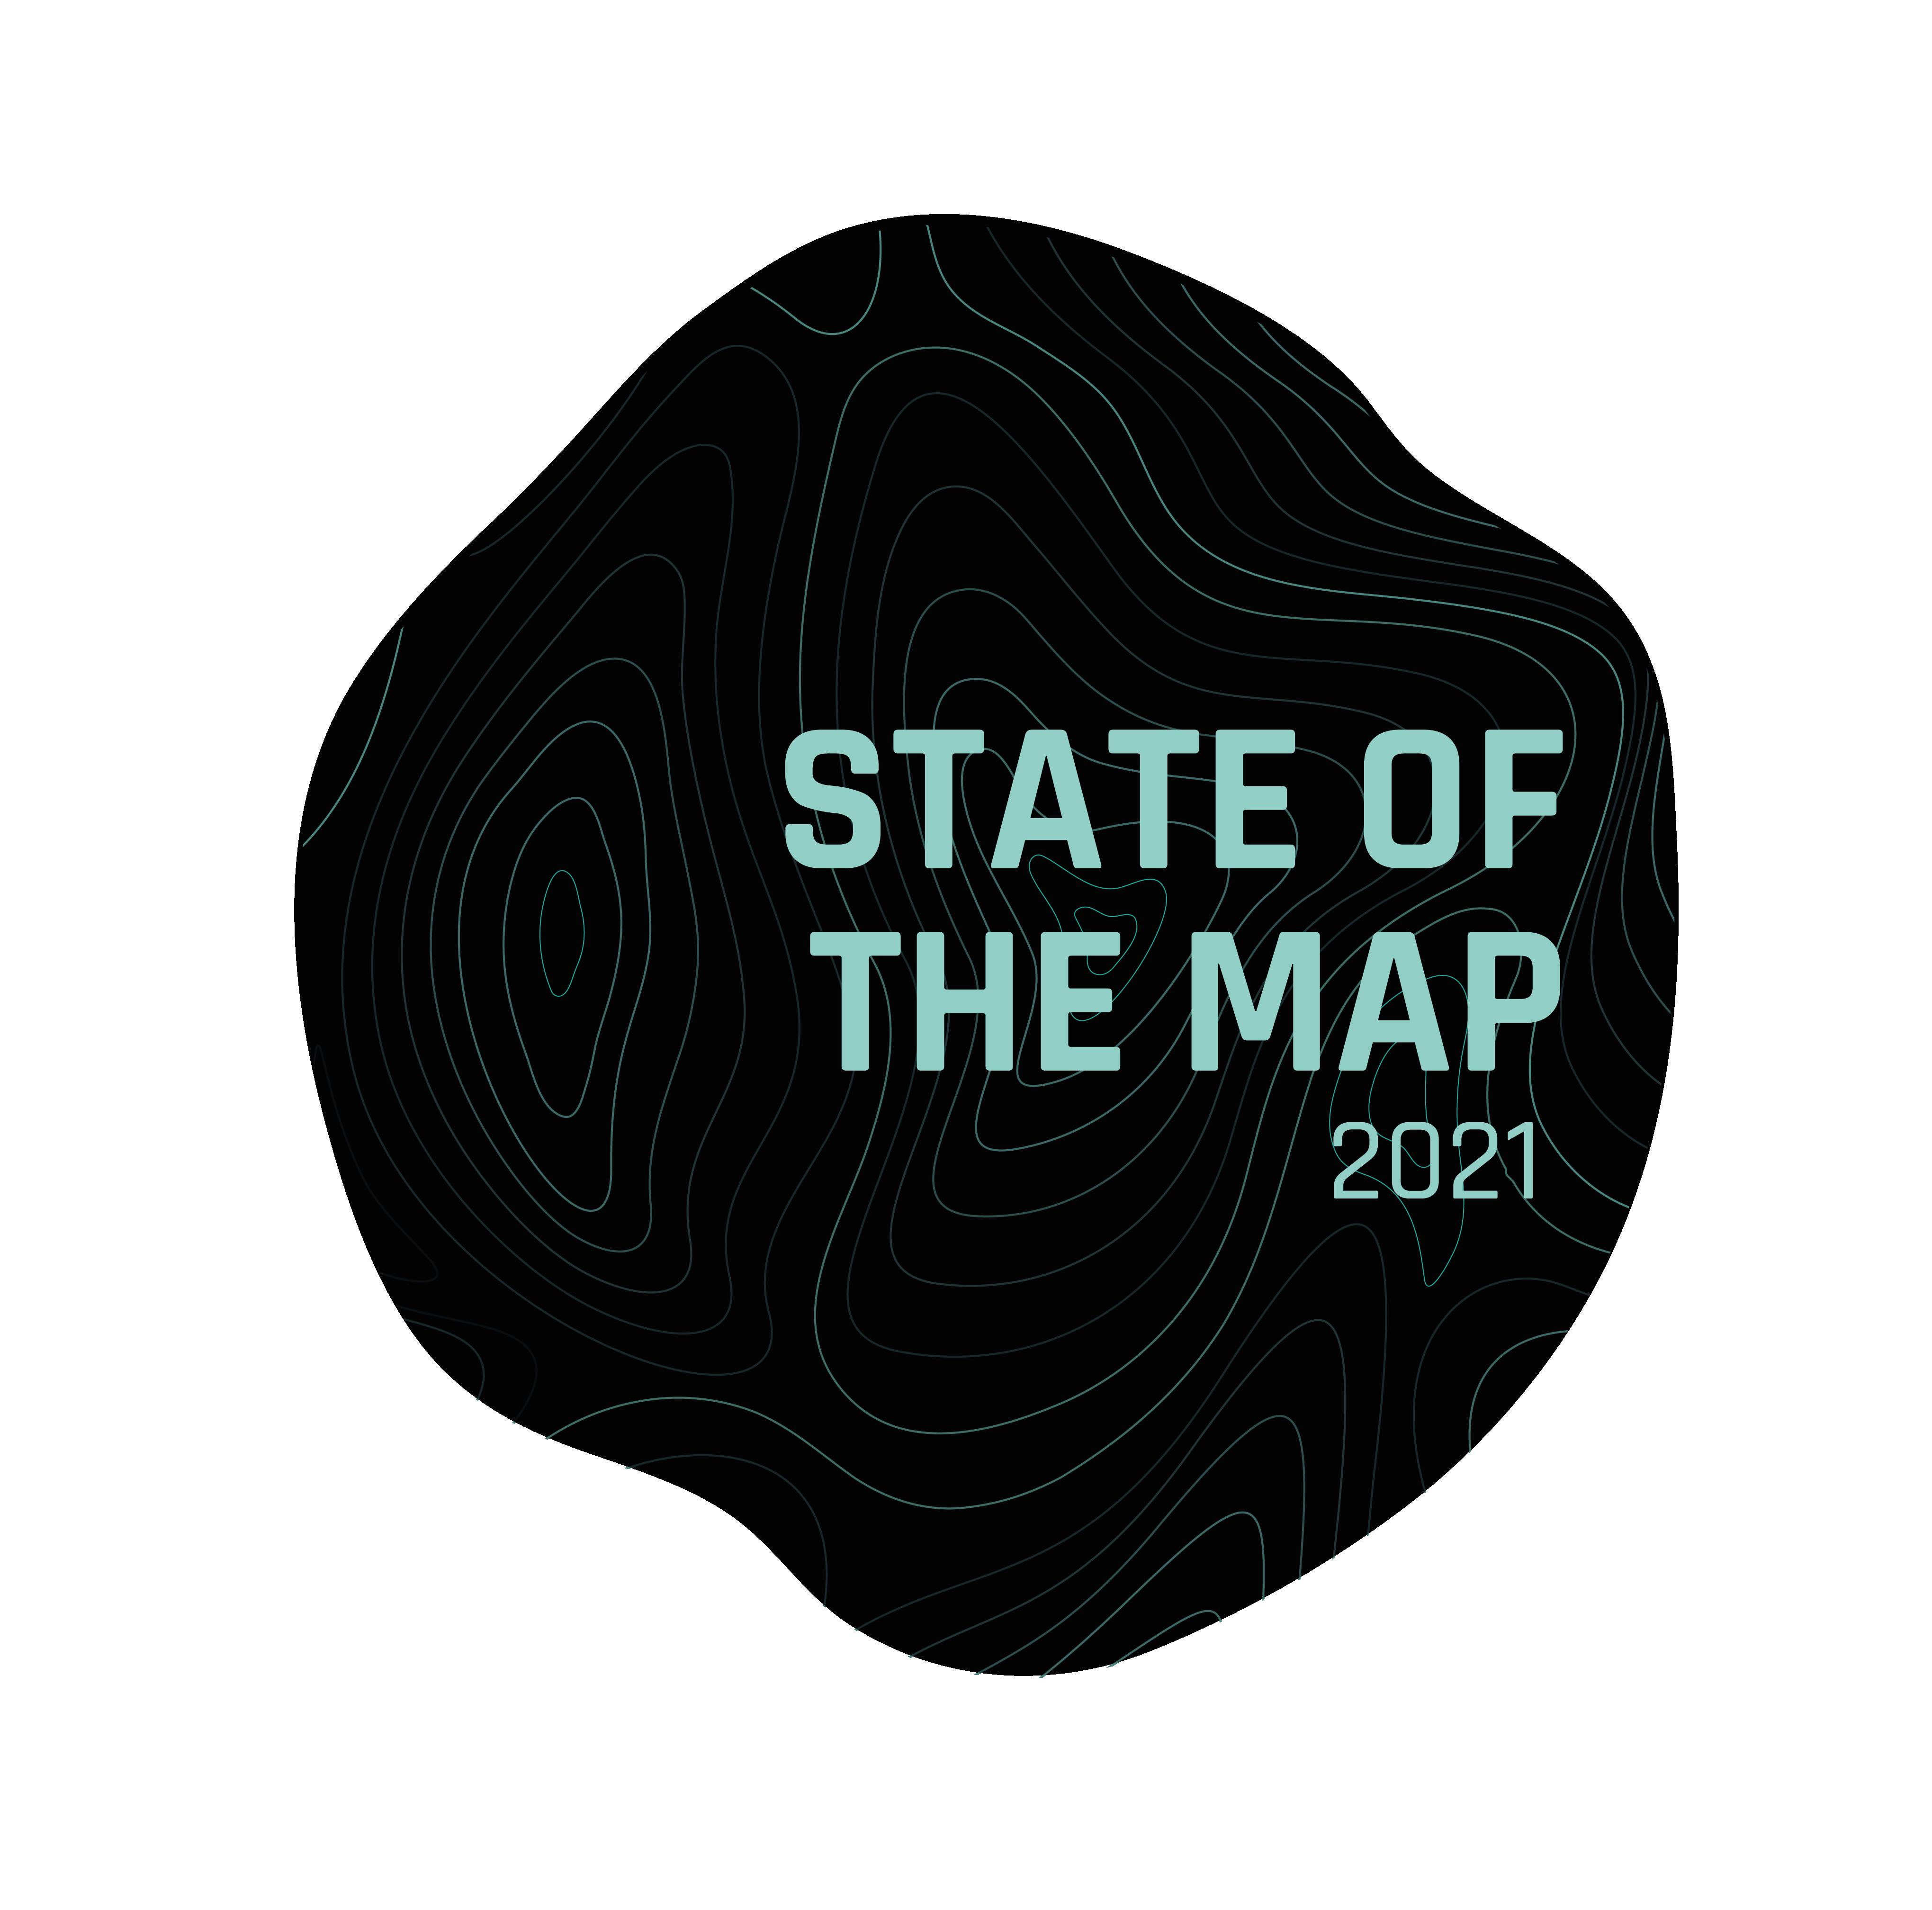 SotM 2021